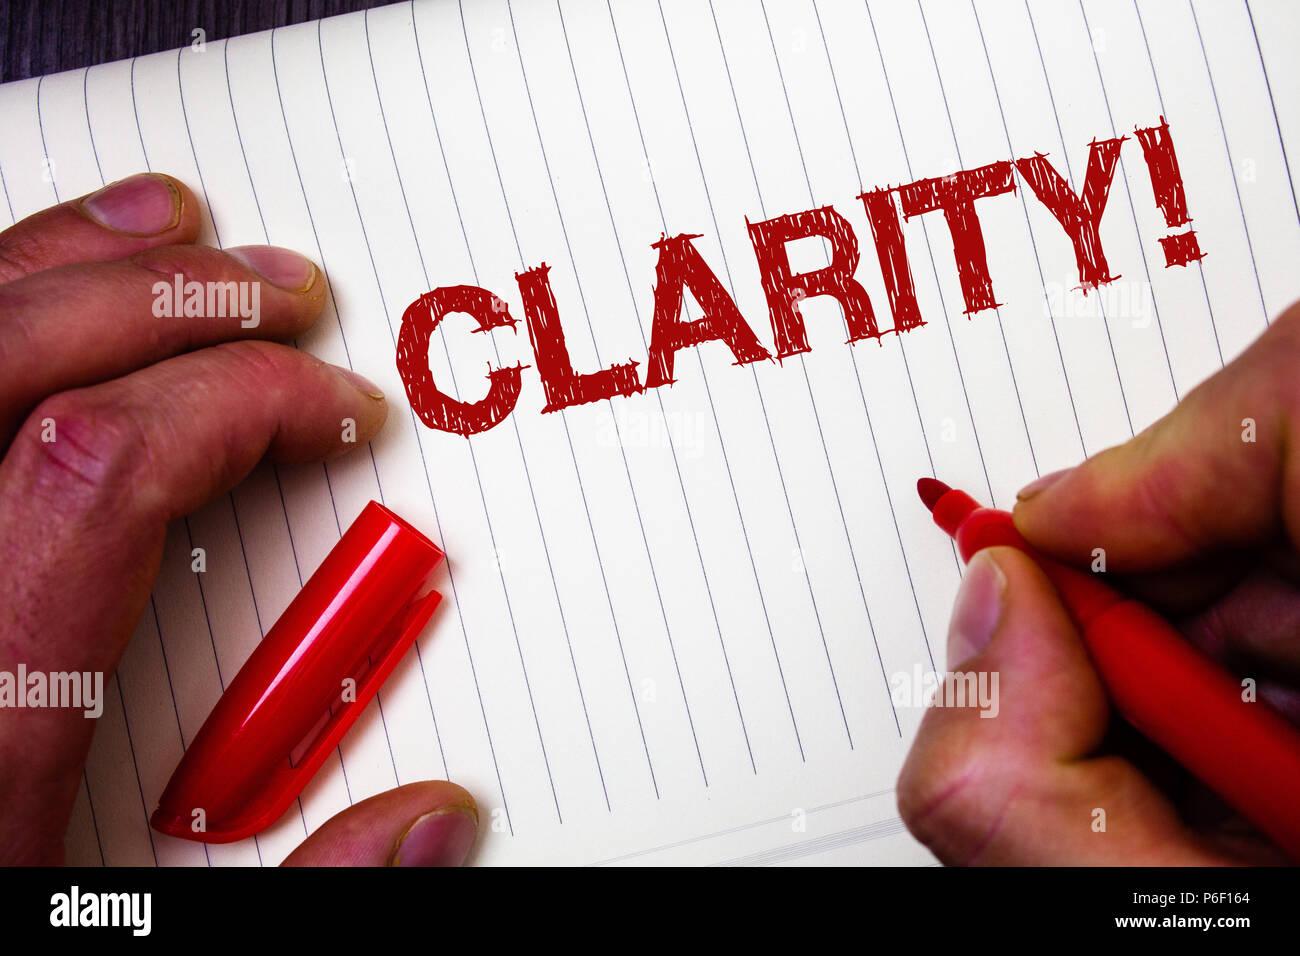 Main conceptuel écrit montrant la clarté. Photo d'affaires mettant en valeur la transparence de compréhensibilité Pureté Précision Certitude Exactitude Man holding hold Photo Stock